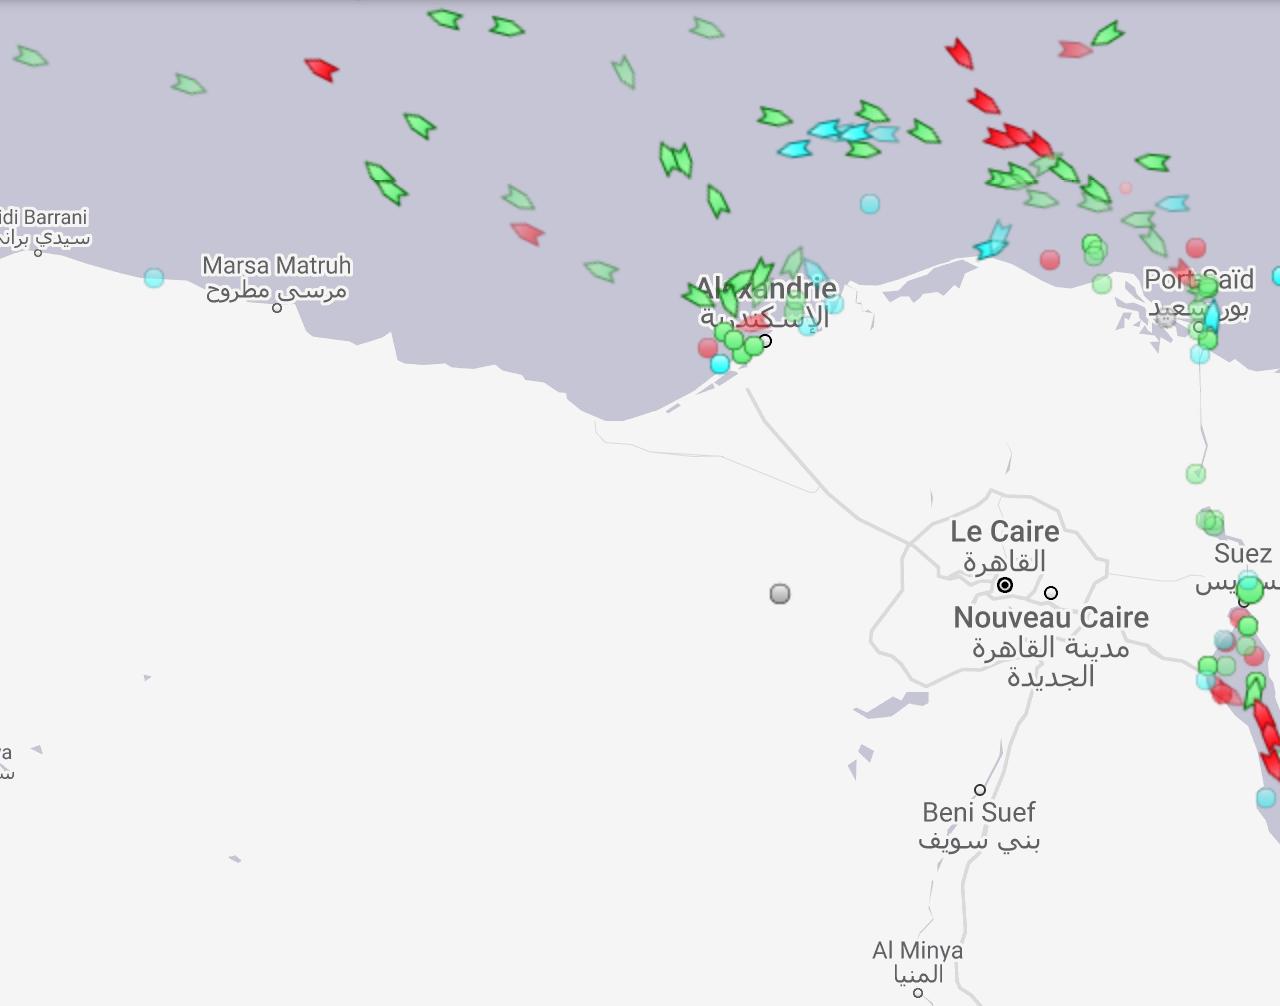 Canal de Suez bloqué : Quelles conséquences pour le commerce mondial ?